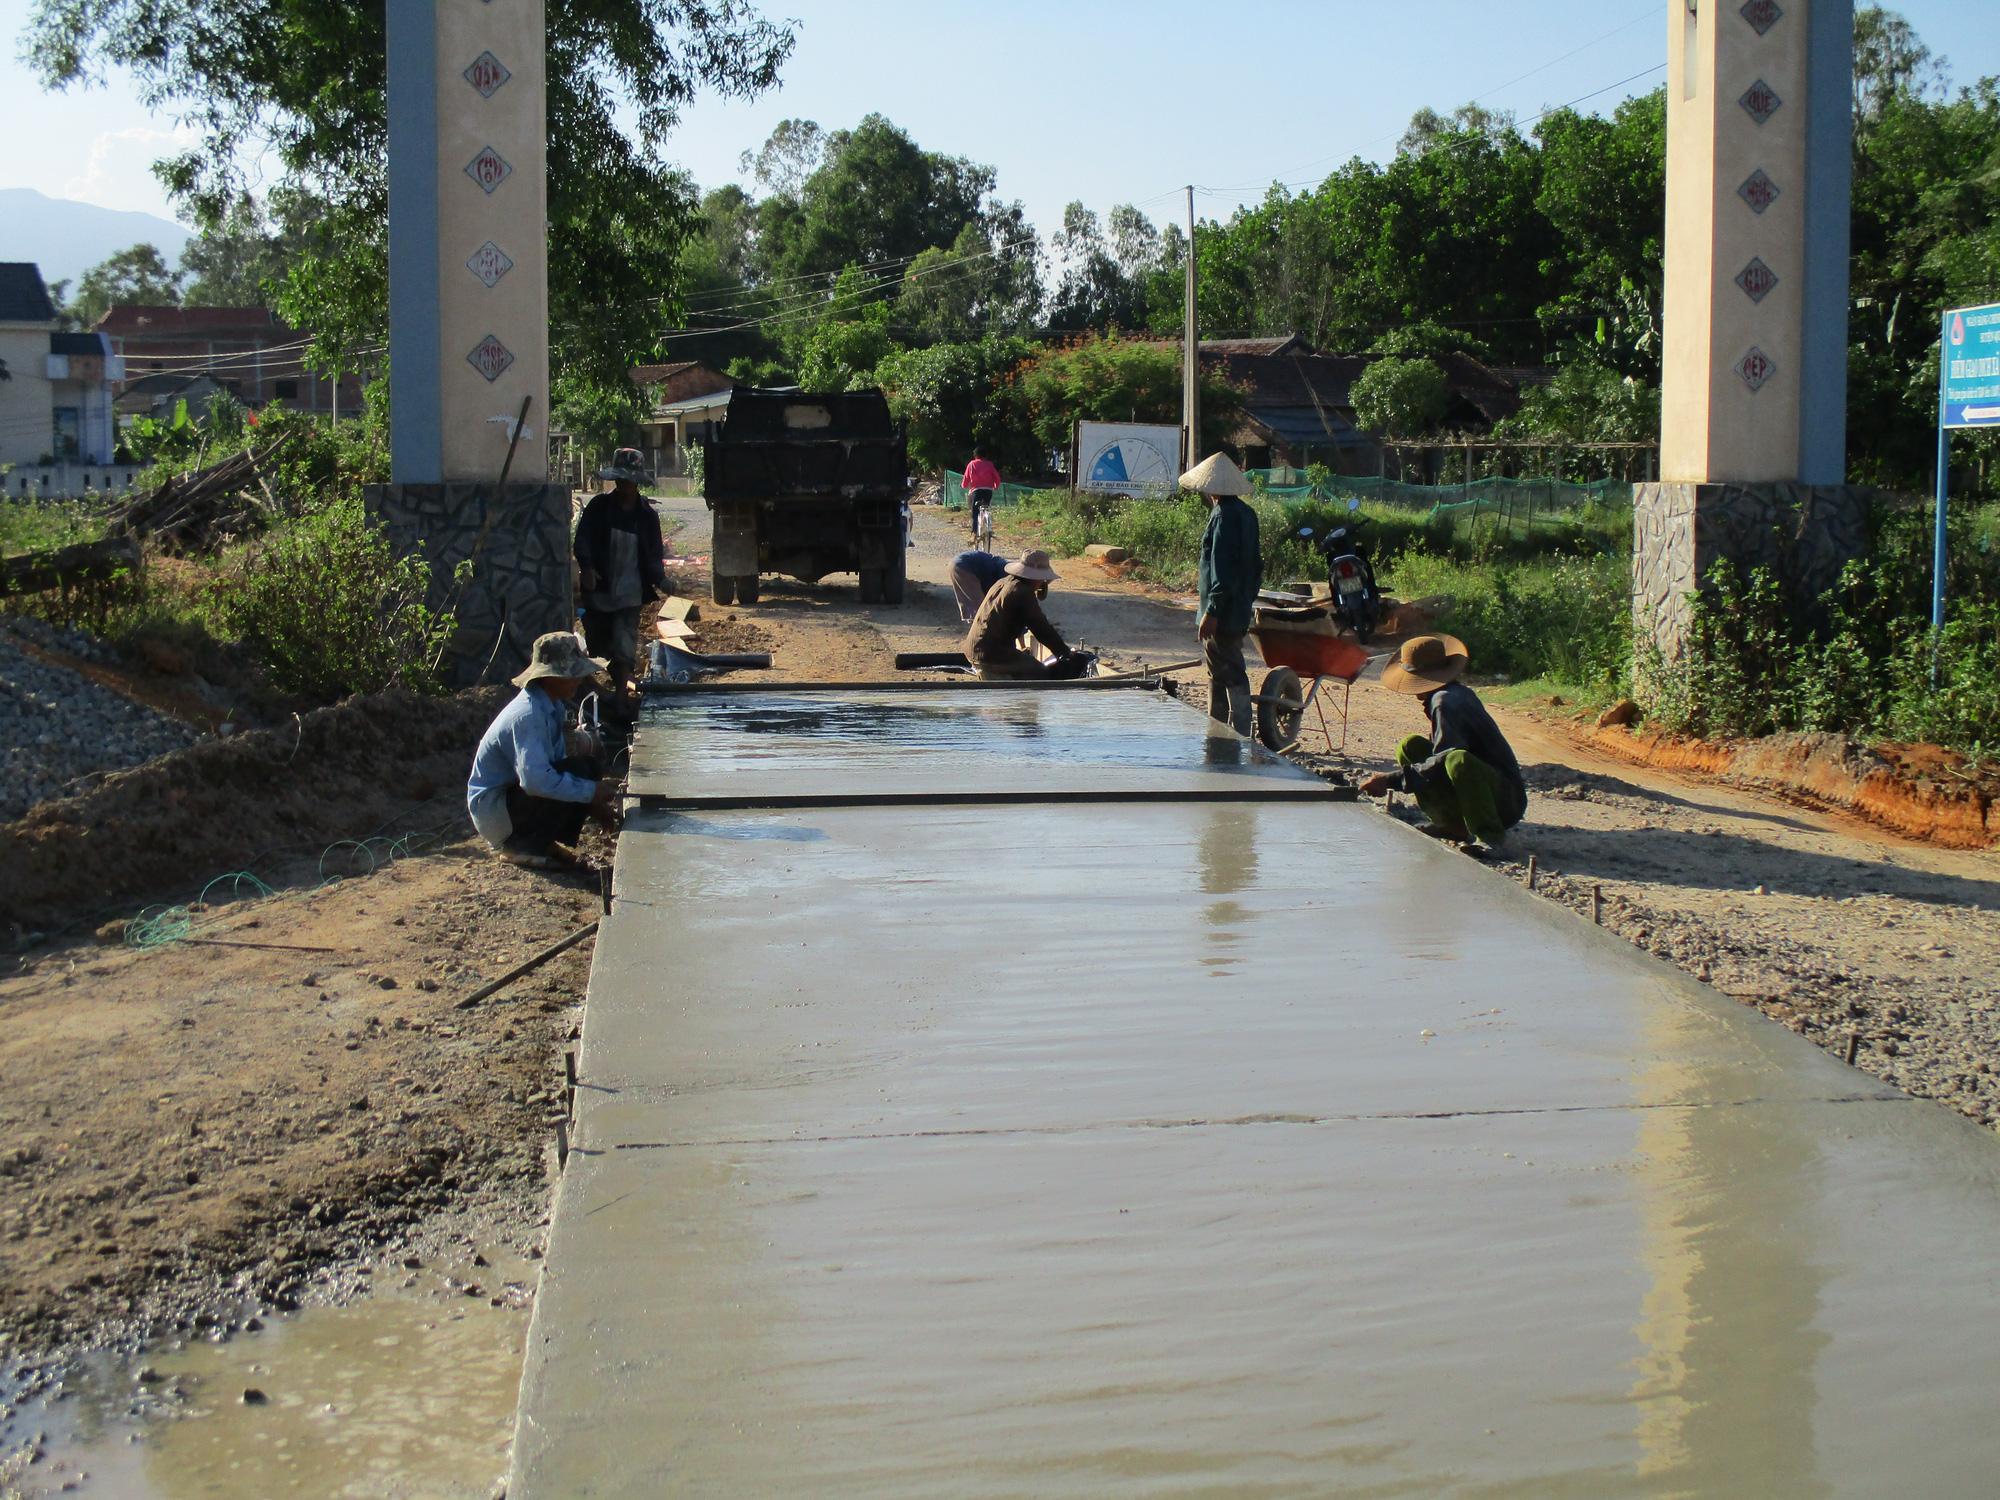 Quảng Nam dành hàng trăm tỷ đồng đầu tư phát triển thủy lợi nhỏ, thủy lợi nội đồng và tưới tiên tiến, tiết kiệm nước - Ảnh 2.